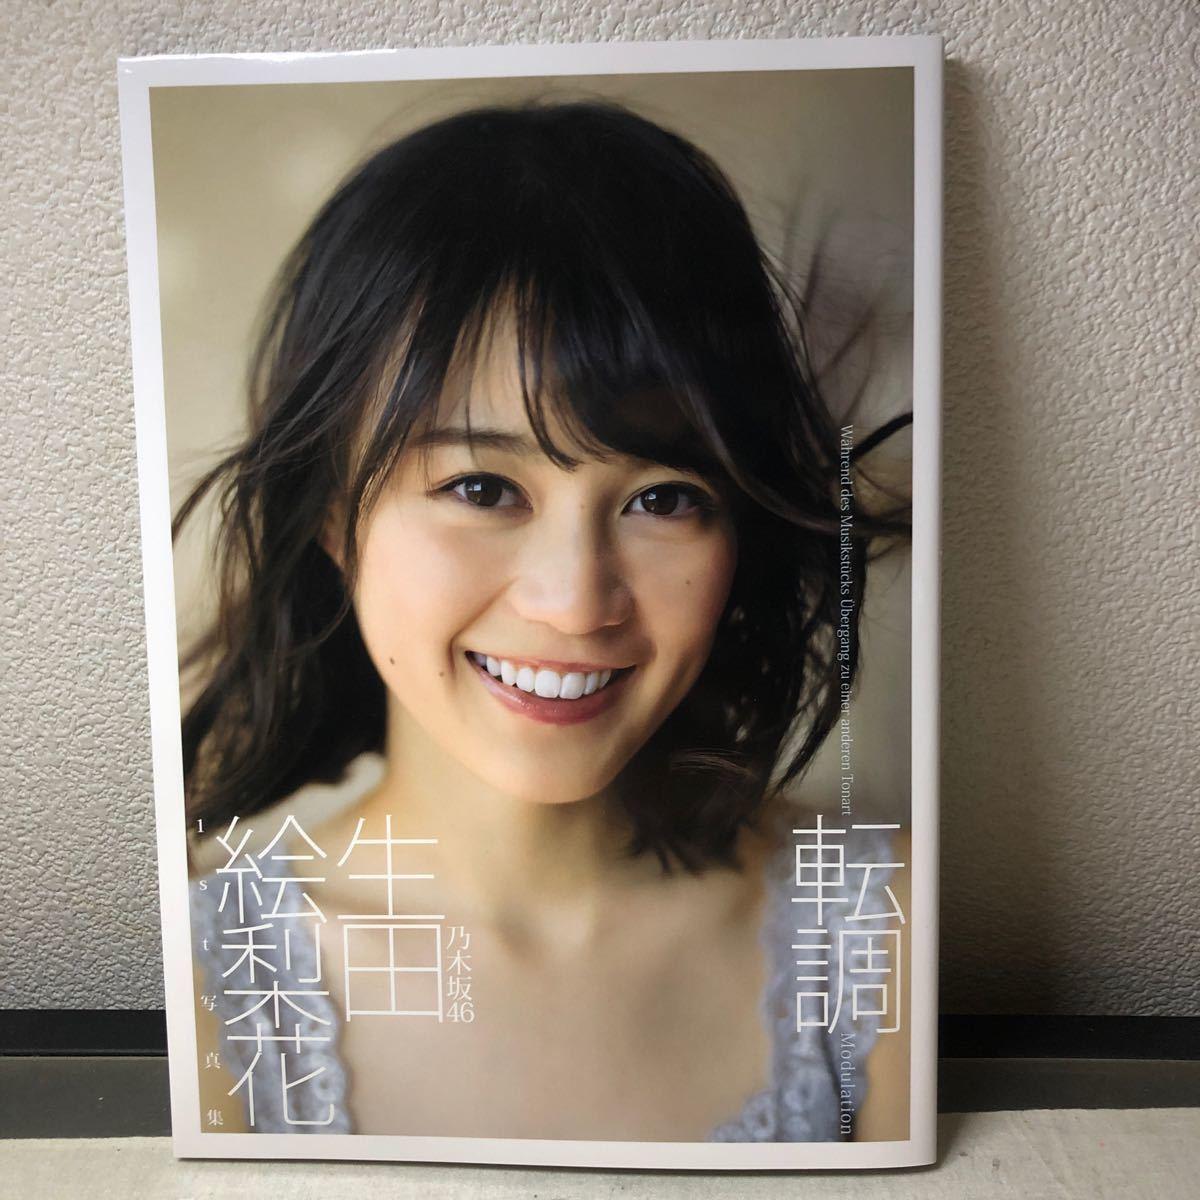 生田絵梨花 ファースト写真集 乃木坂46